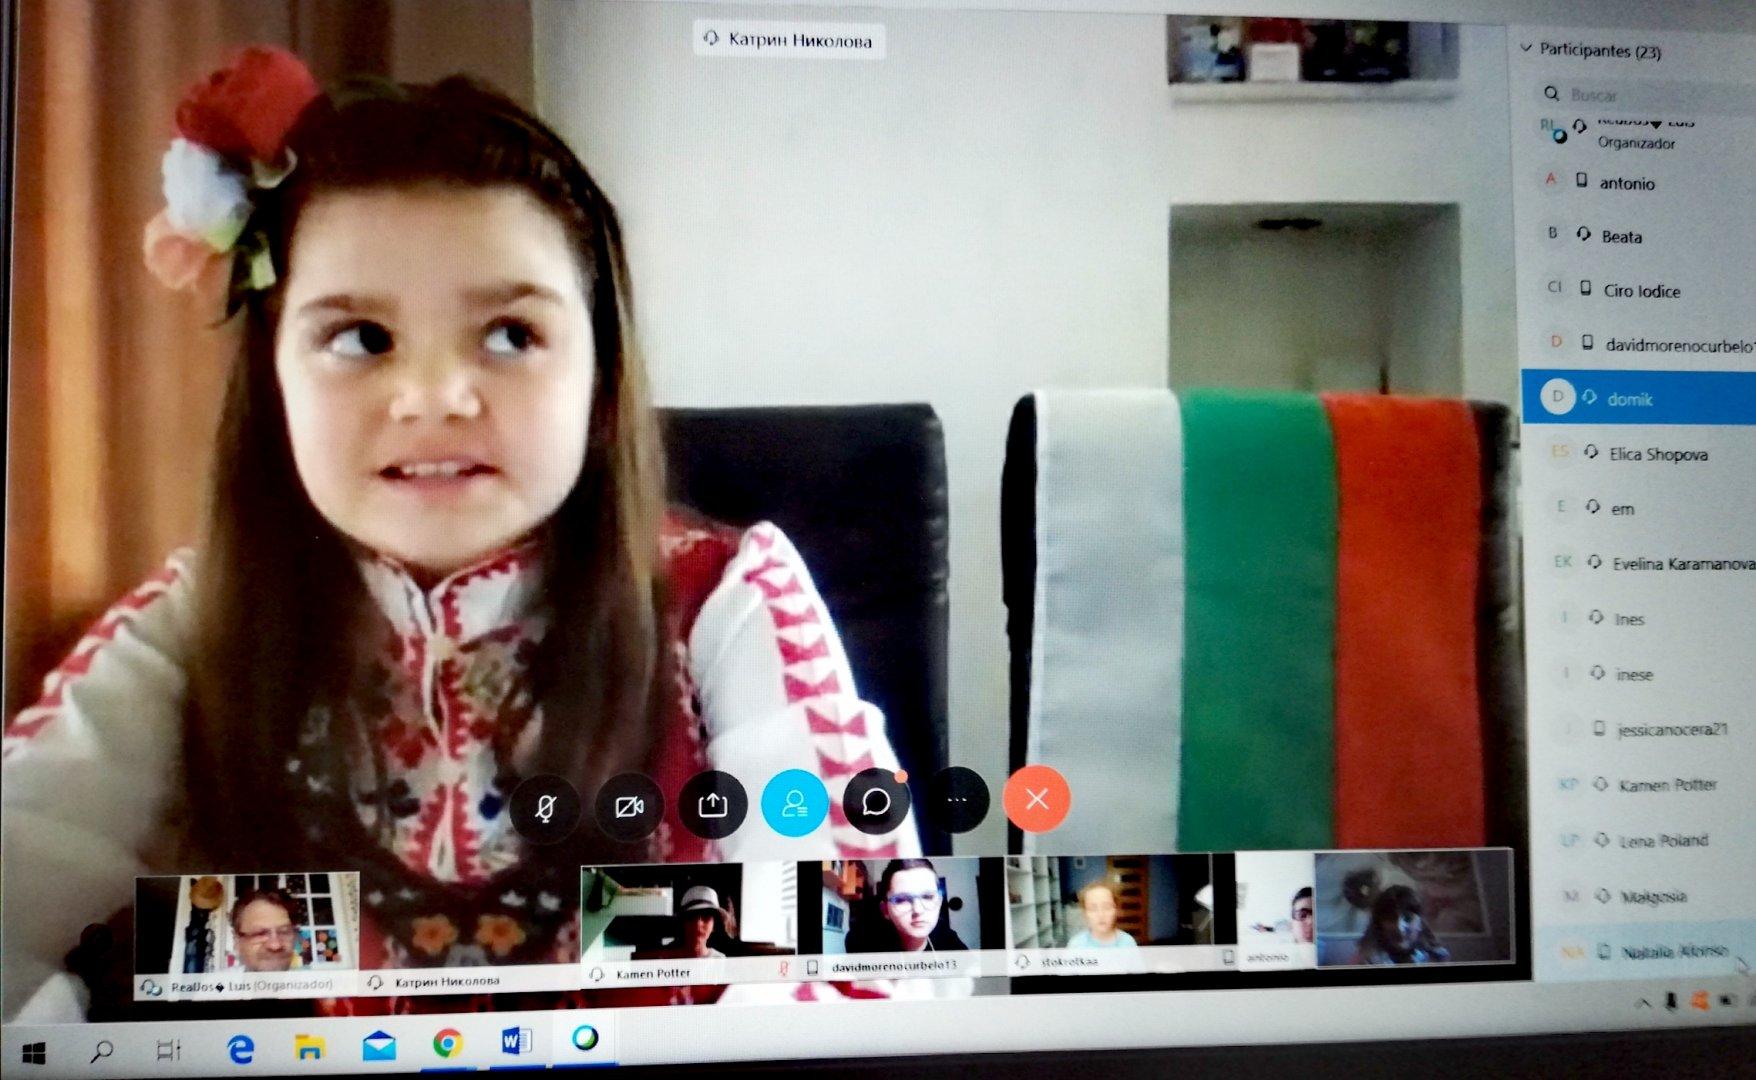 Четвъртокласници от бургаското училище участваха в обмен на знания със свои връстници посредство онлайн платформа. Снимки СУ Св. св. Кирил и Методий